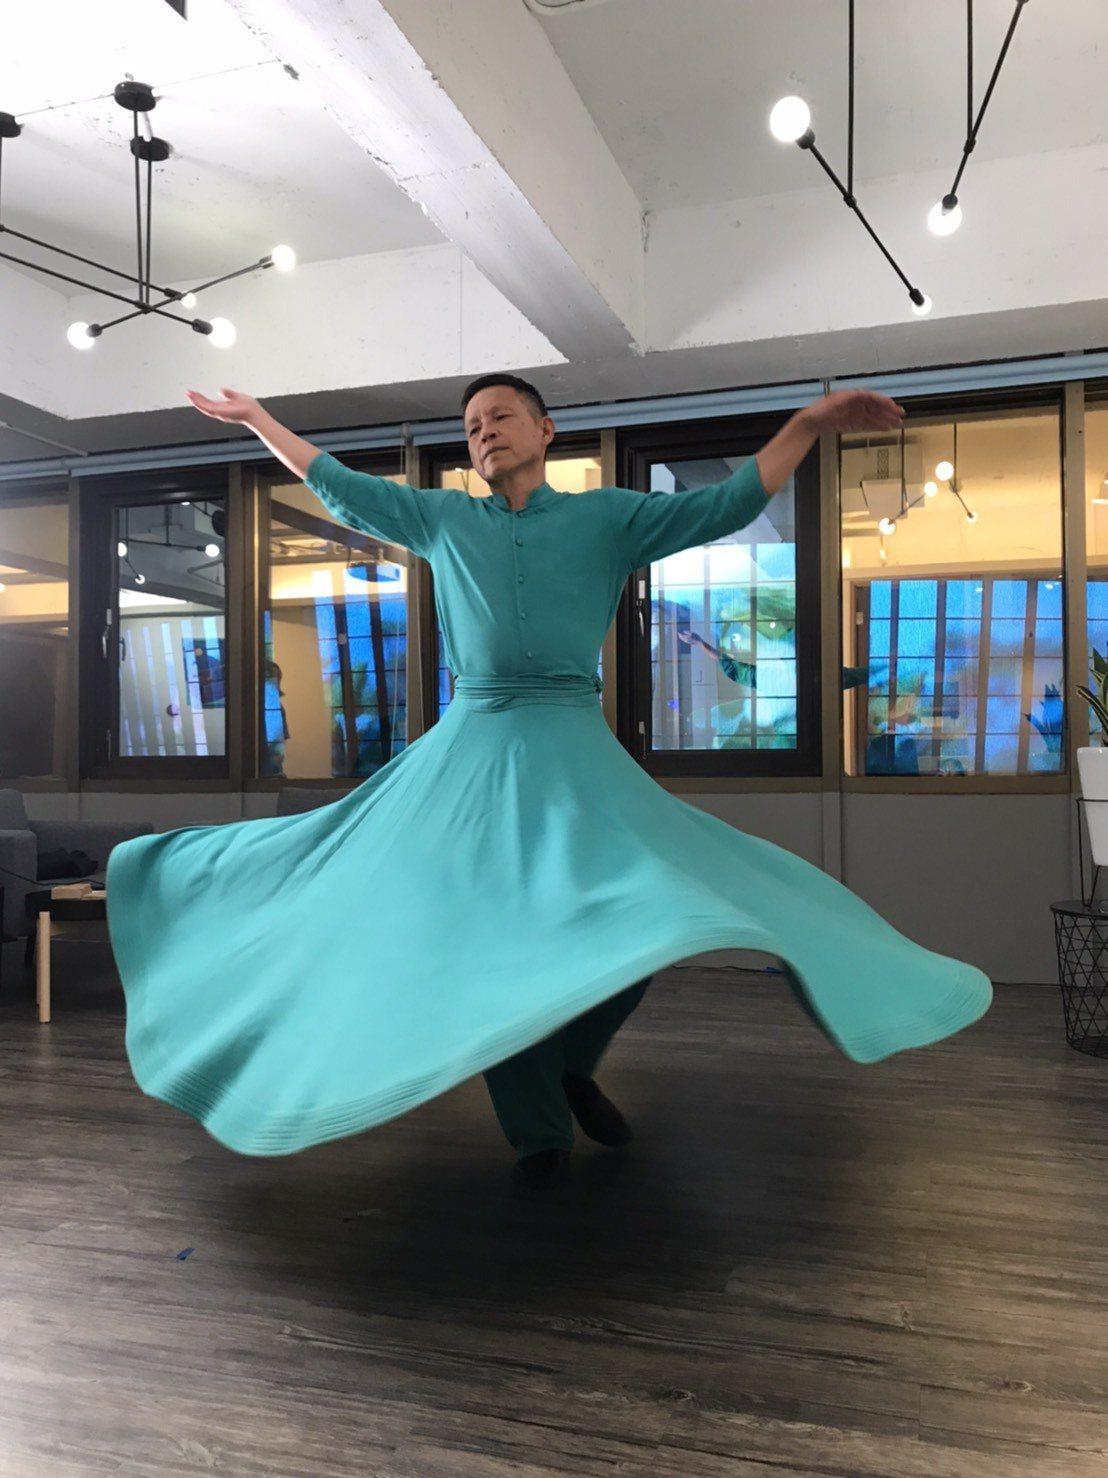 風潮音樂創辦人楊錦聰,在直播上跳蘇菲旋轉舞。 圖/林如茵攝影